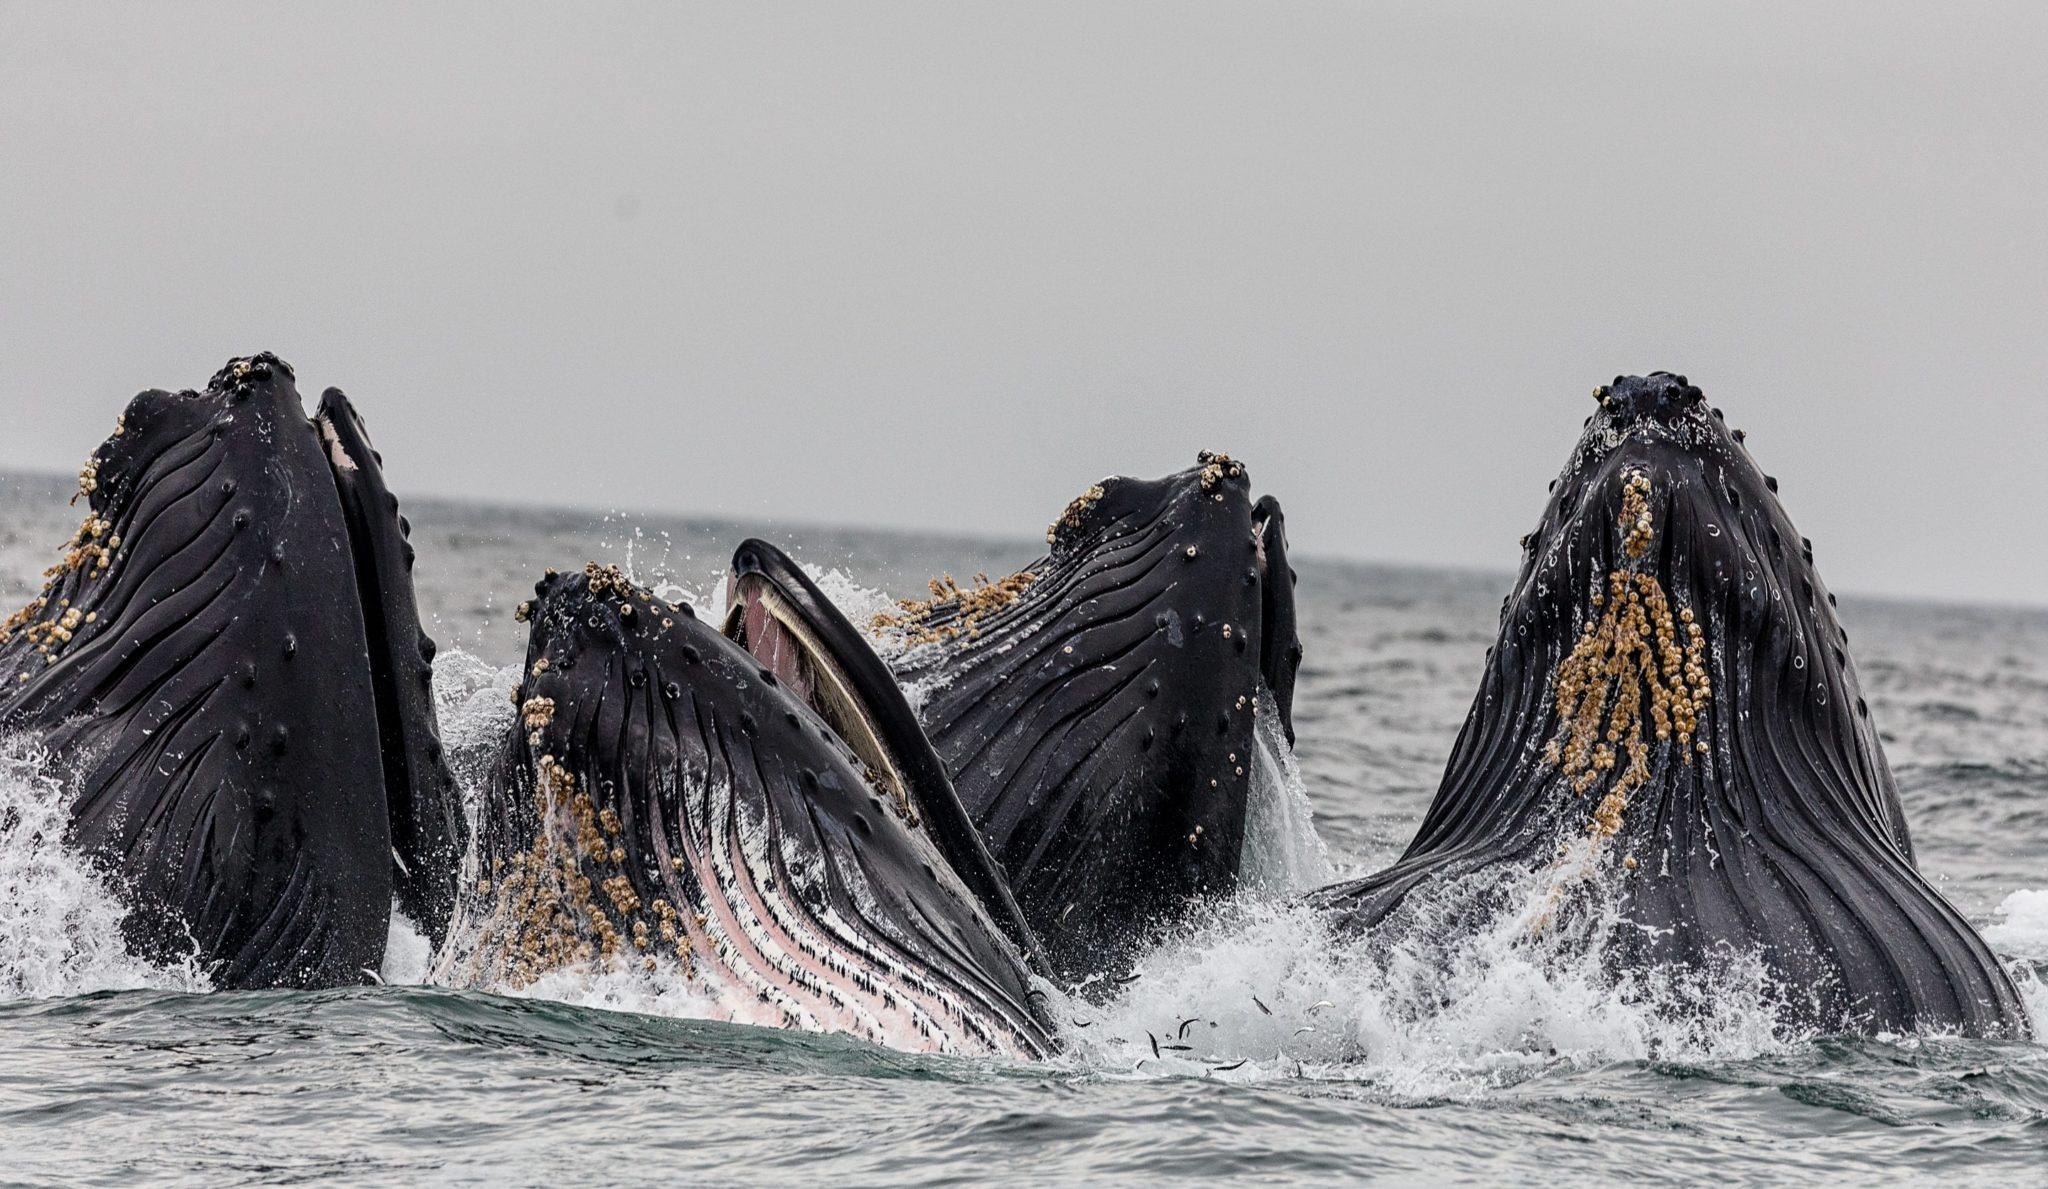 Vier Buckelwale tauchen mit dem Gesicht aus dem Wasser auf